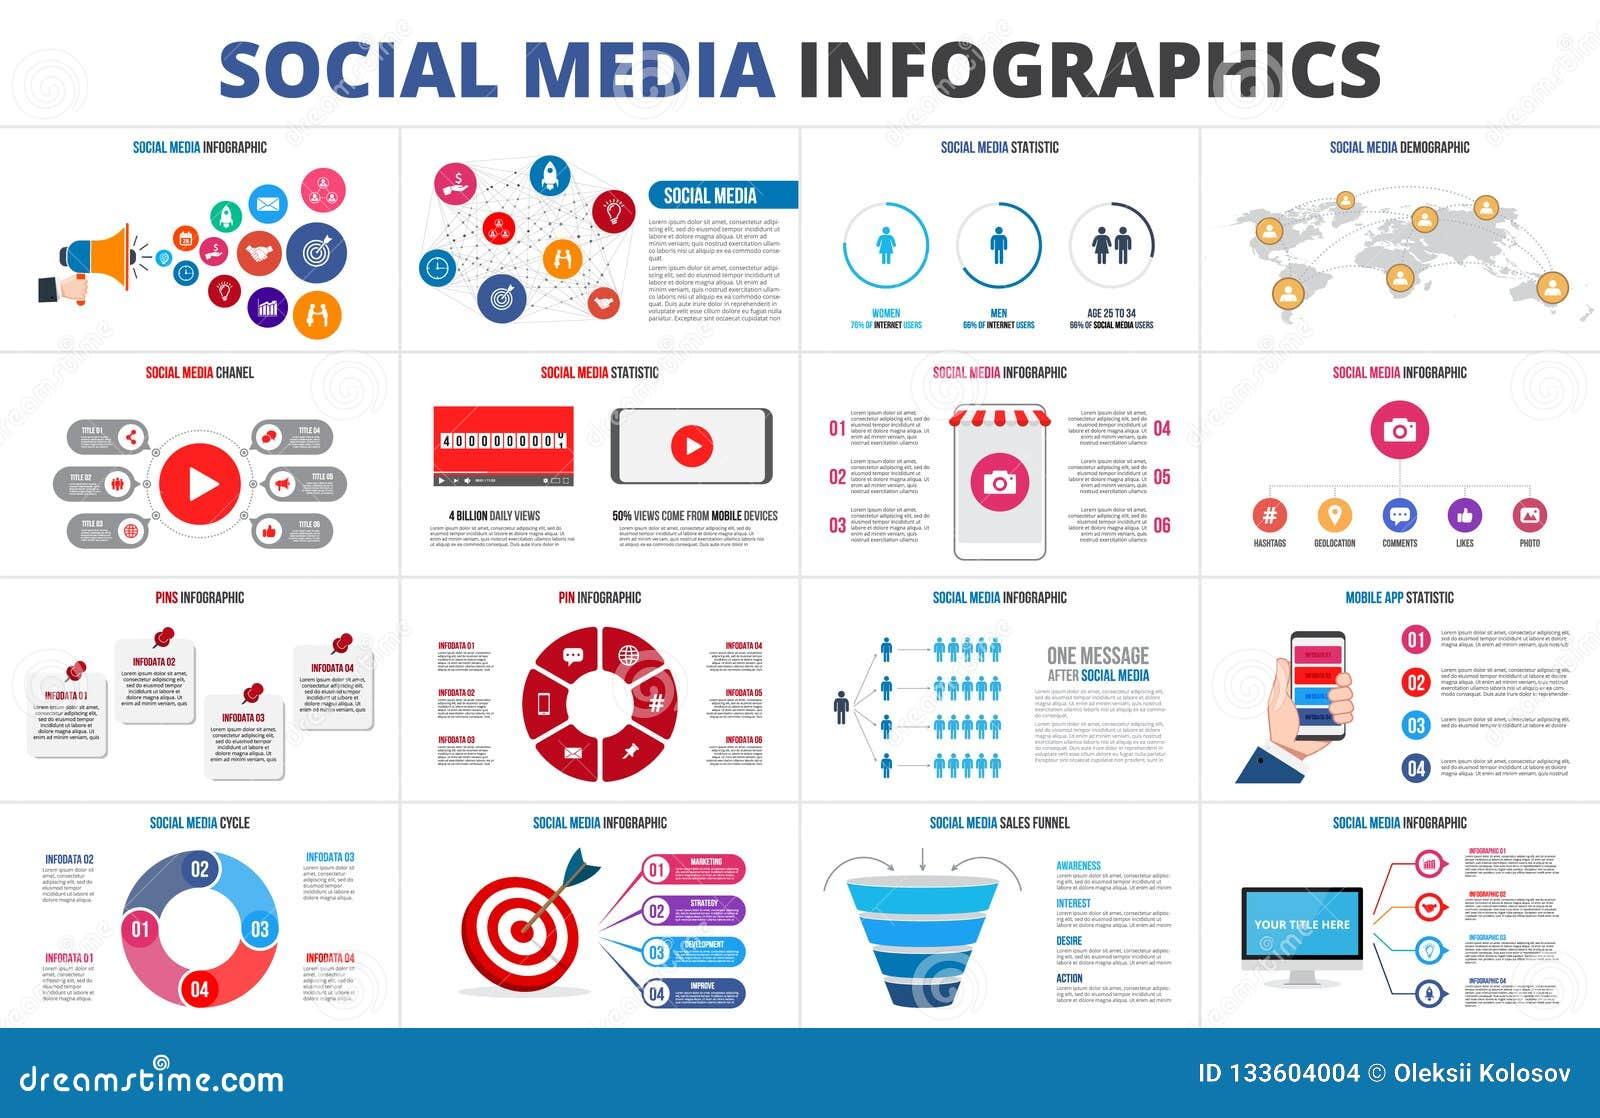 Οι διανυσματικές πωλήσεις διοχετεύουν, στατιστική, χάρτης, σε απευθείας σύνδεση βίντεο chanel και καρφίτσες Κοινωνικό infographic